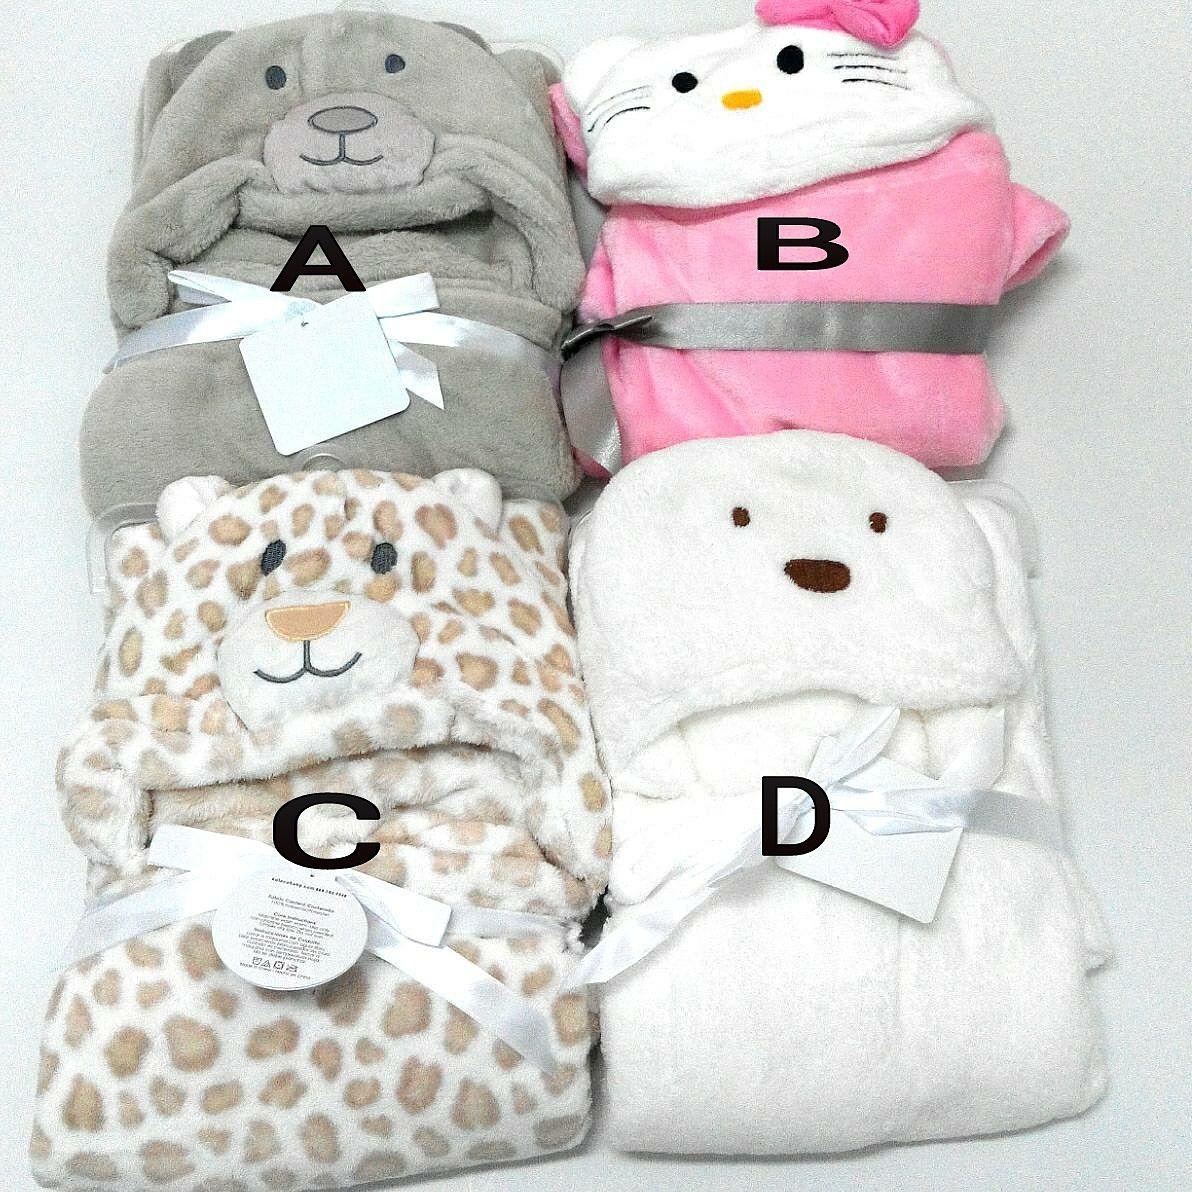 Topi Bayi Rajut Adalah Ide Bagus Untuk Hampir Semua Bayi Yang Baru